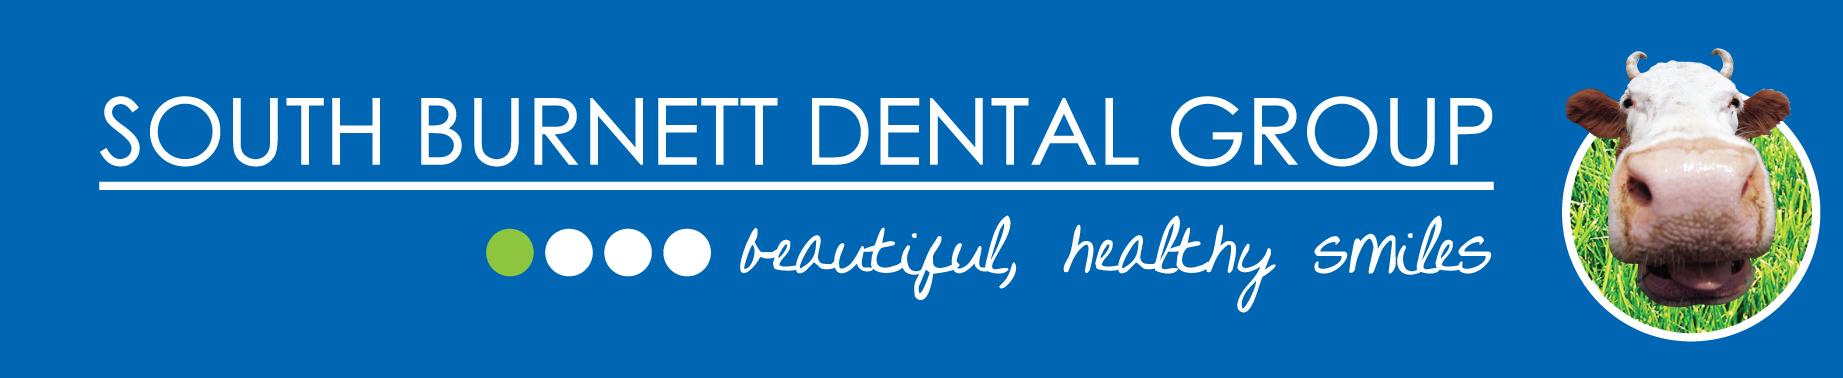 South Burnett Dental Group